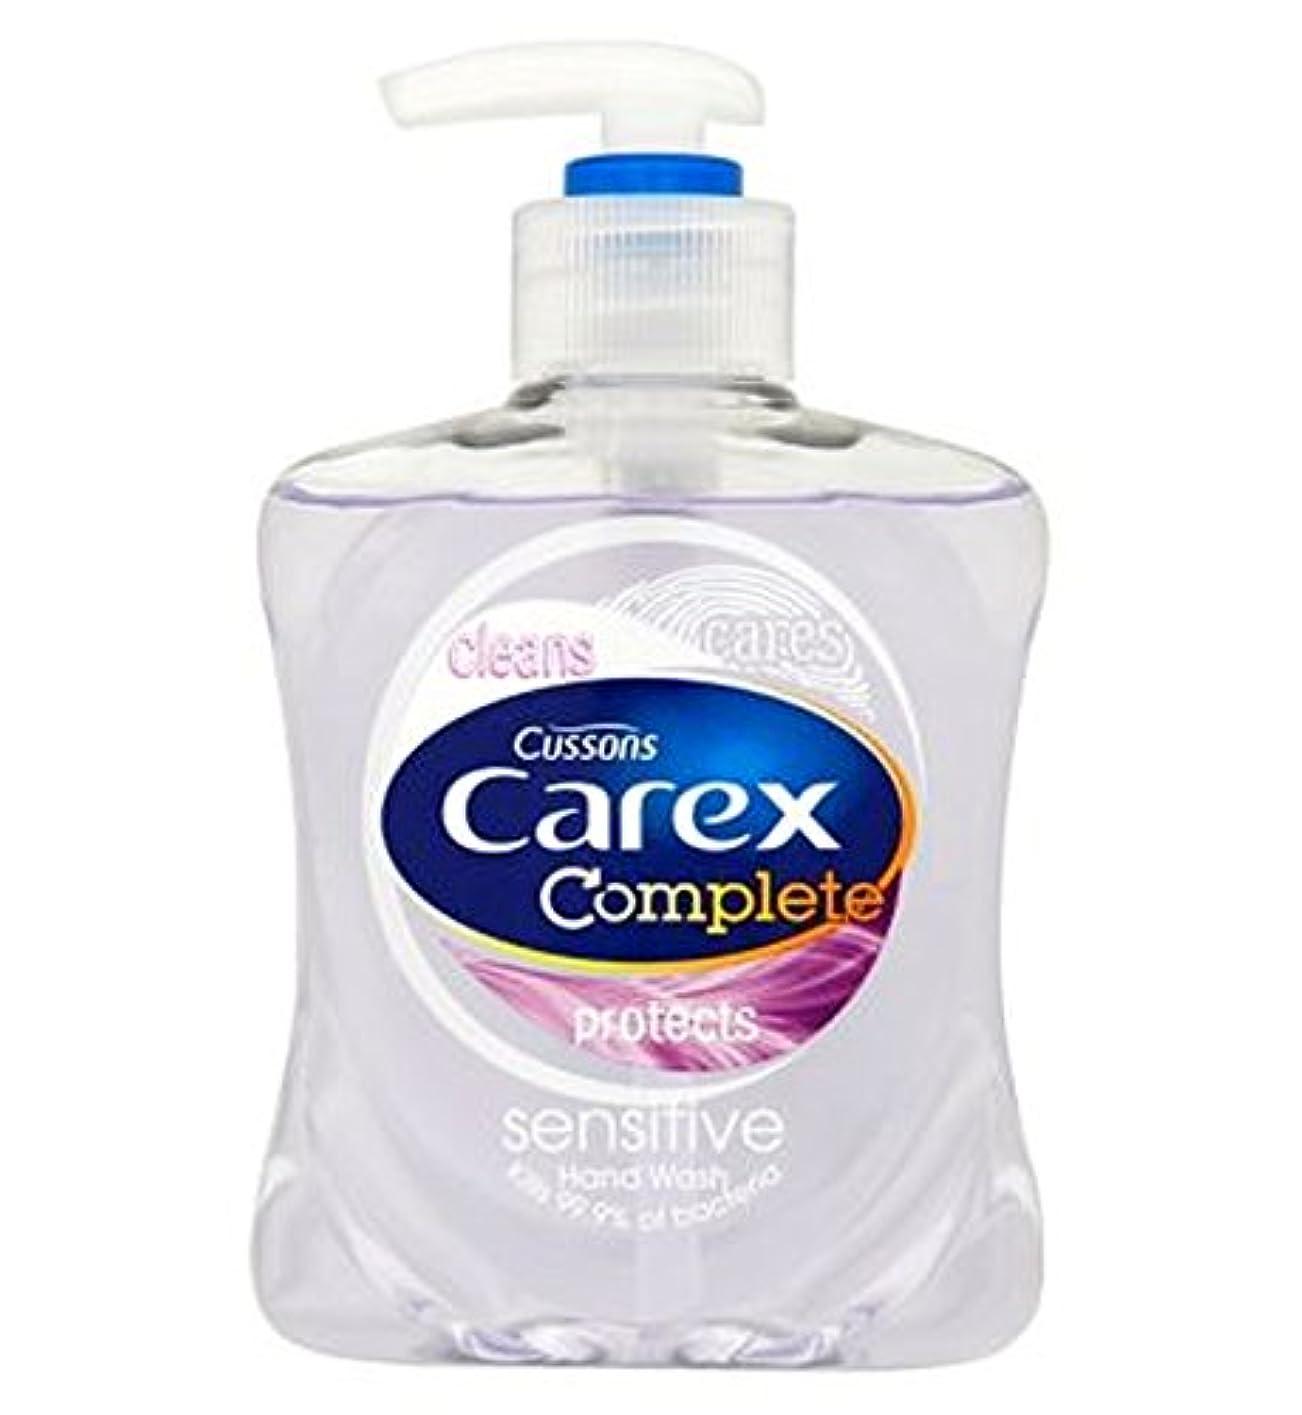 異邦人めんどり壊すCarex Complete Sensitive Hand Wash 250ml - スゲ属の完全な機密ハンドウォッシュ250ミリリットル (Carex) [並行輸入品]